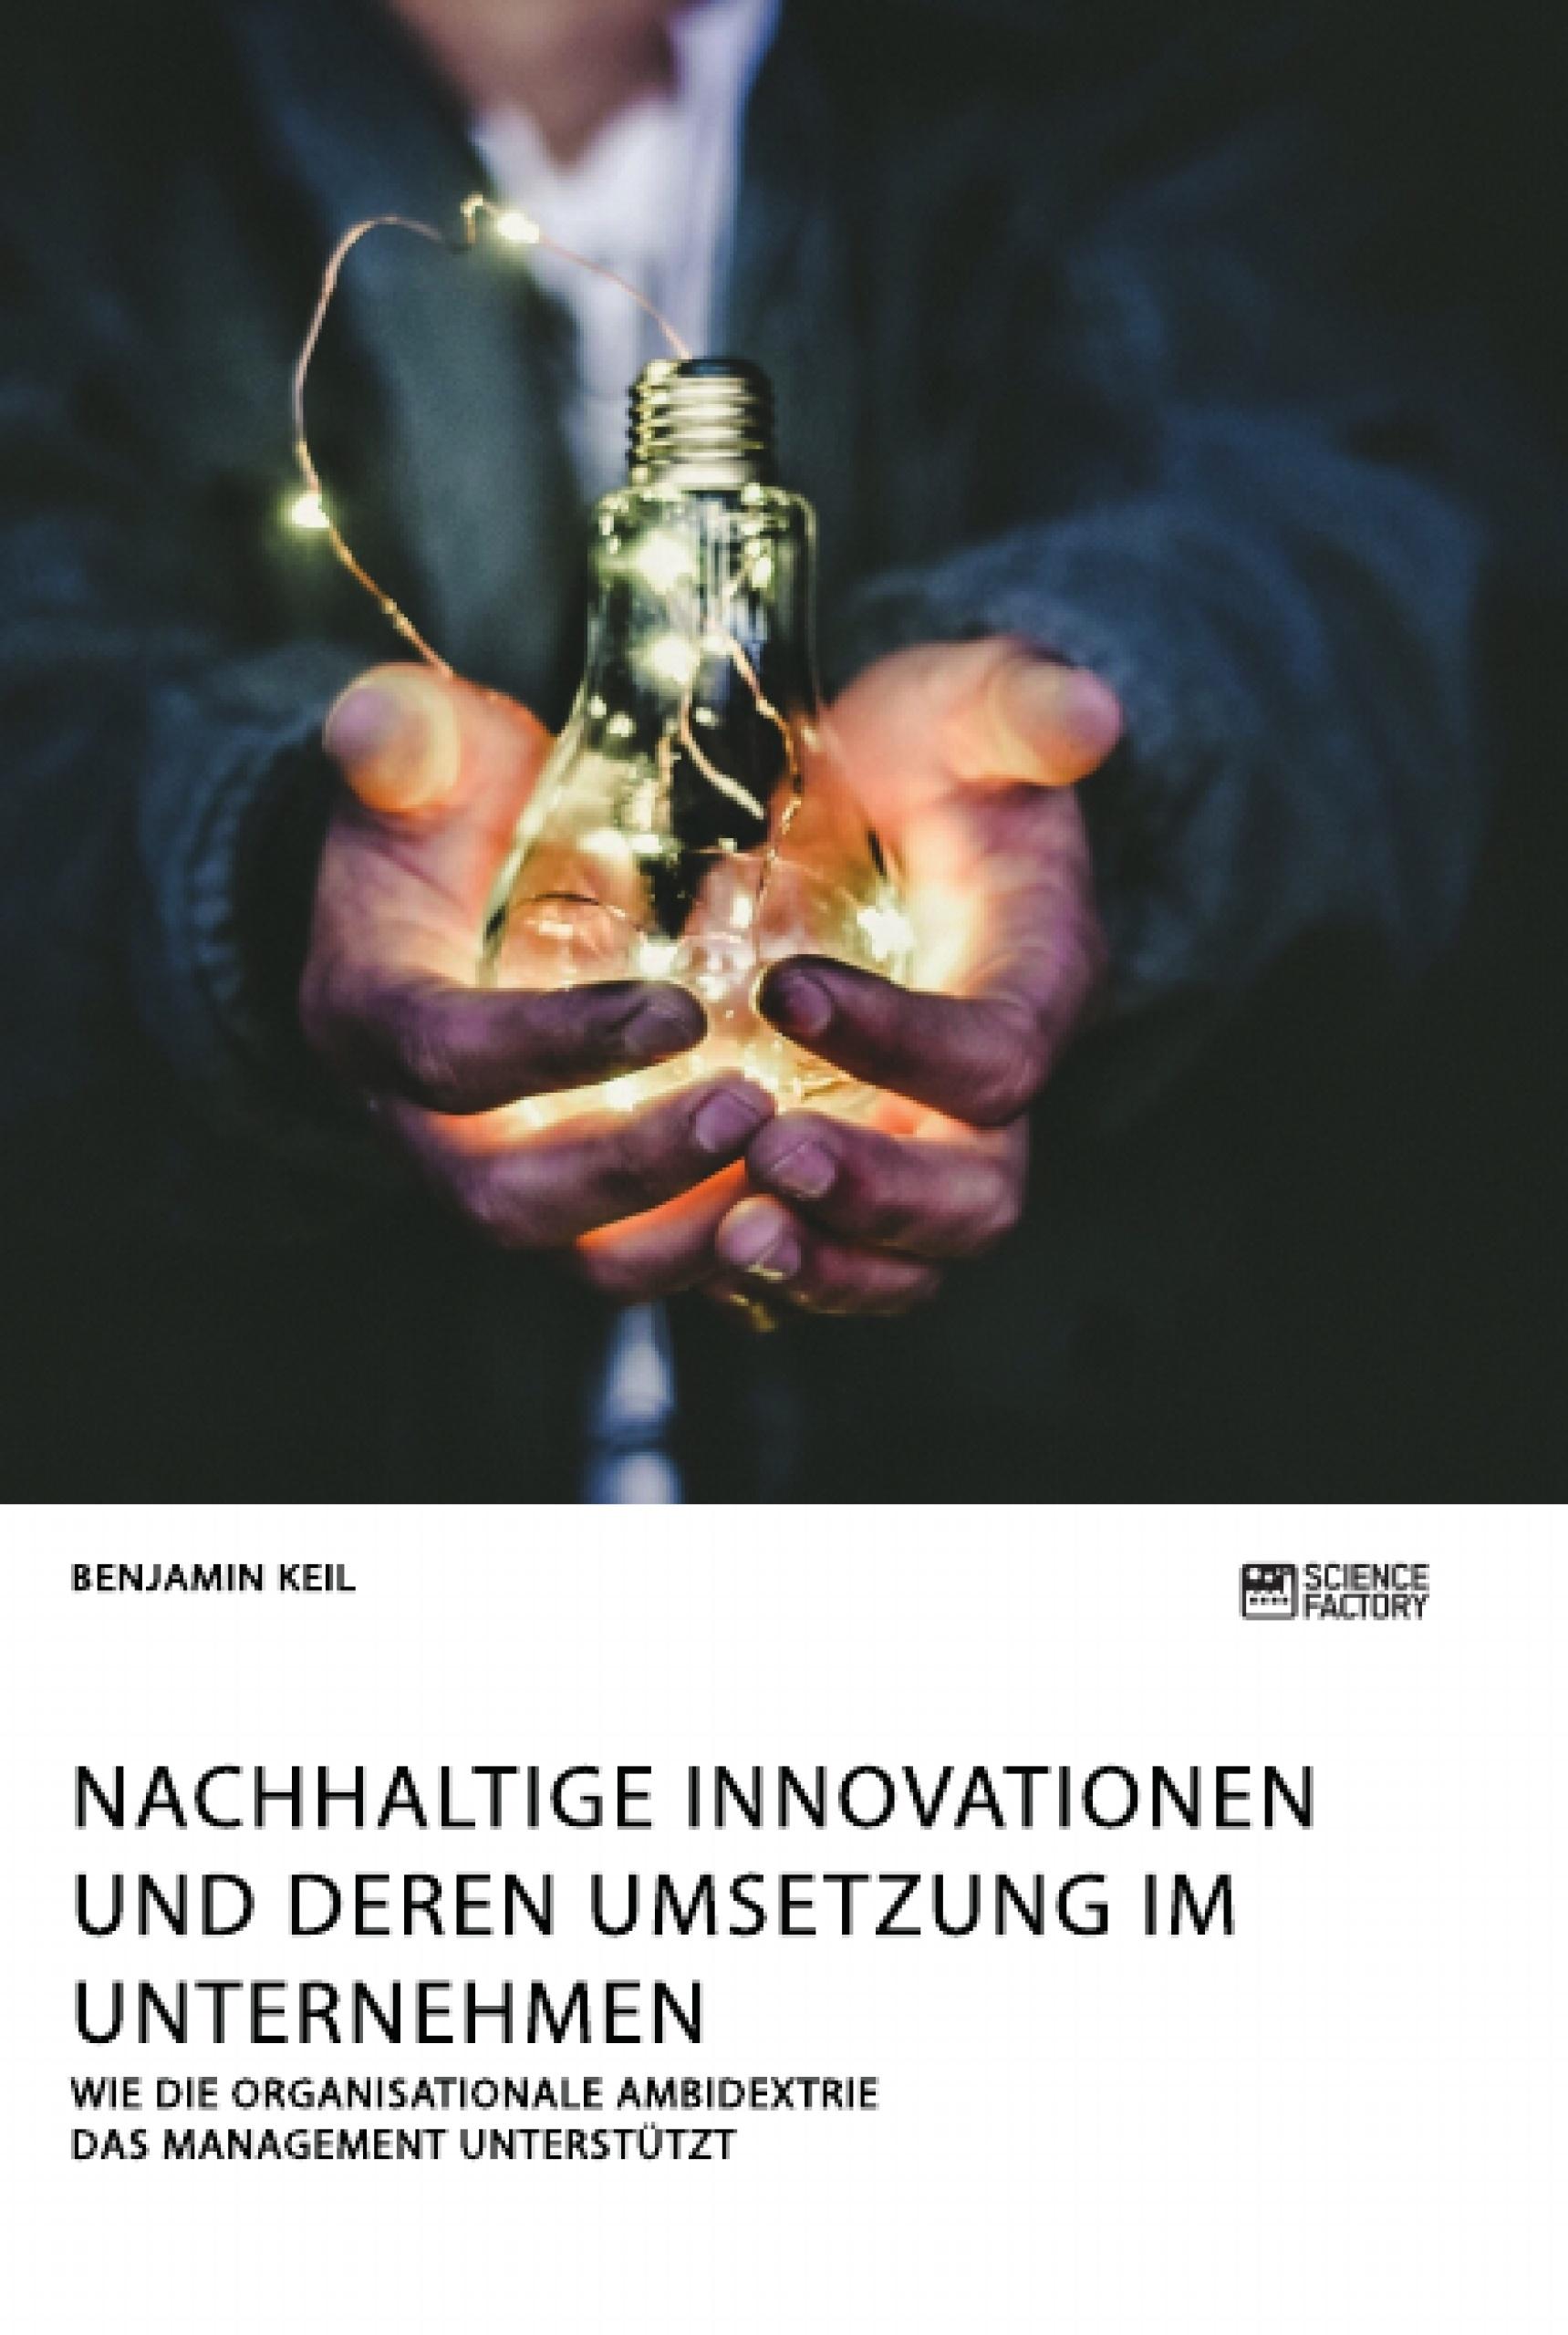 Titel: Nachhaltige Innovationen und deren Umsetzung im Unternehmen. Wie die organisationale Ambidextrie das Management unterstützt